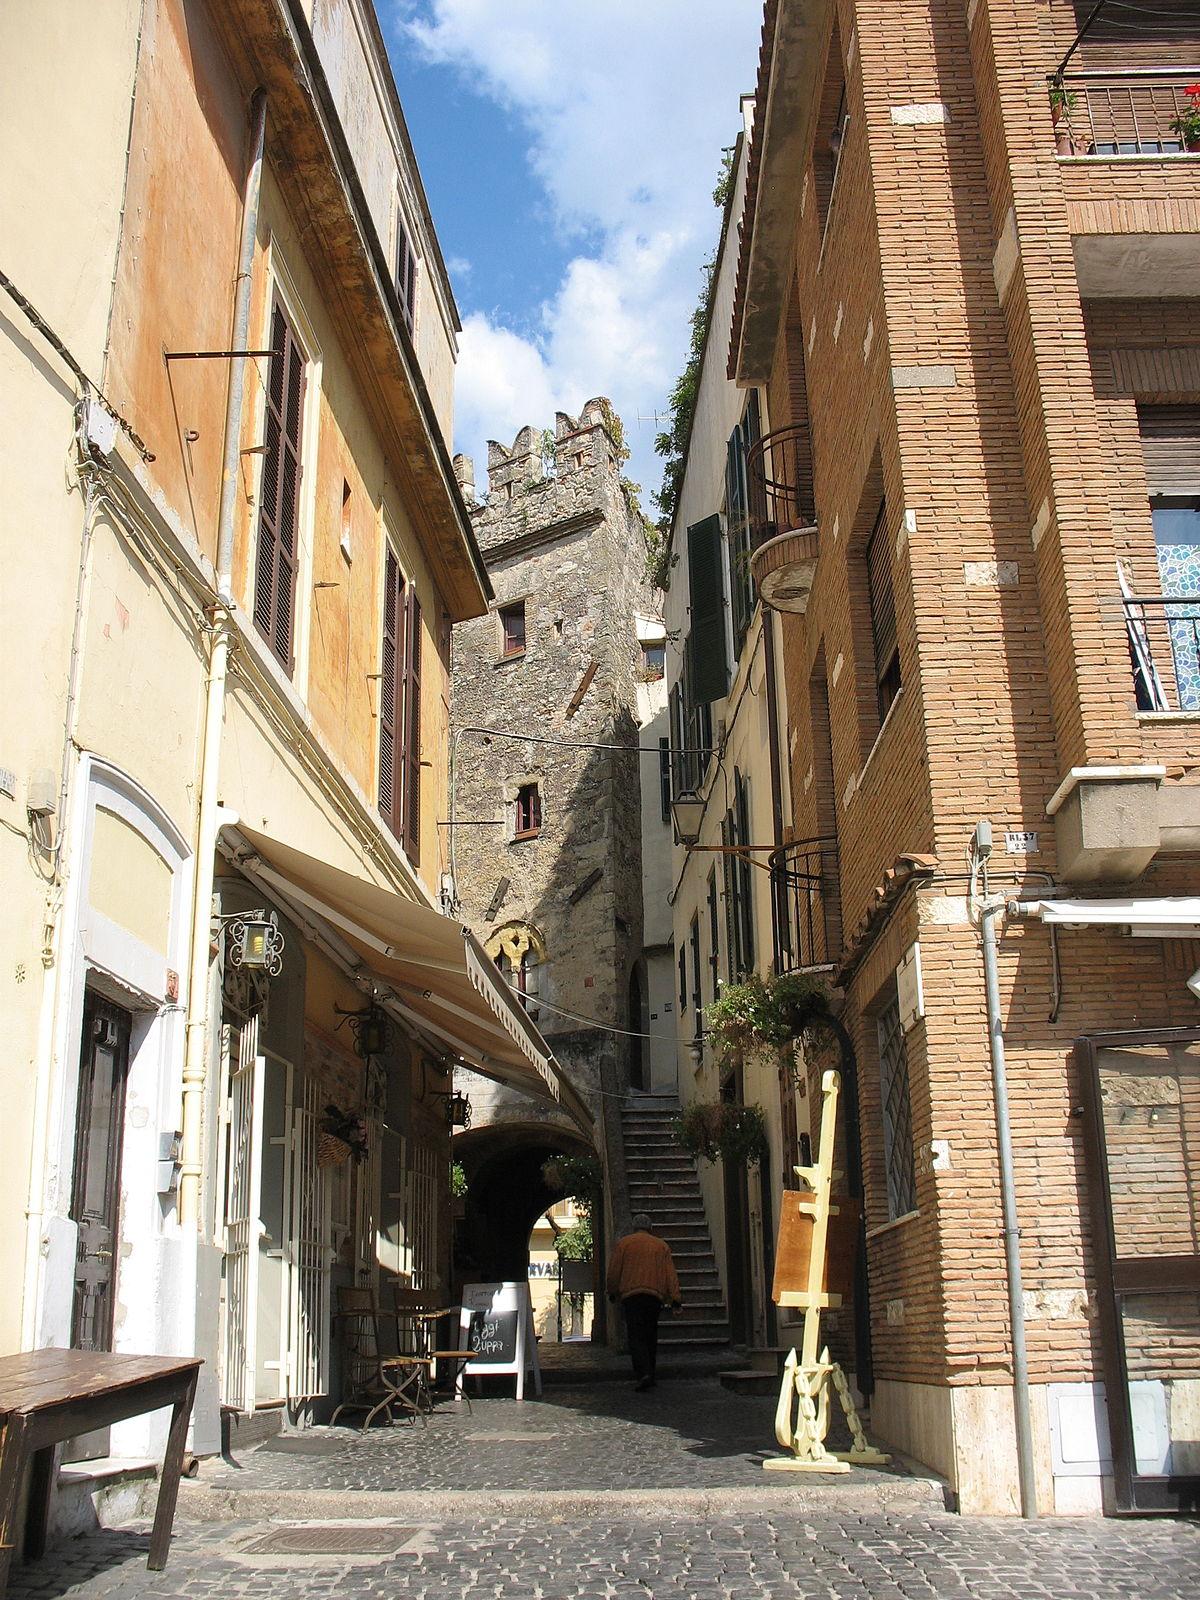 Borgo medievale di Nettuno  Wikipedia